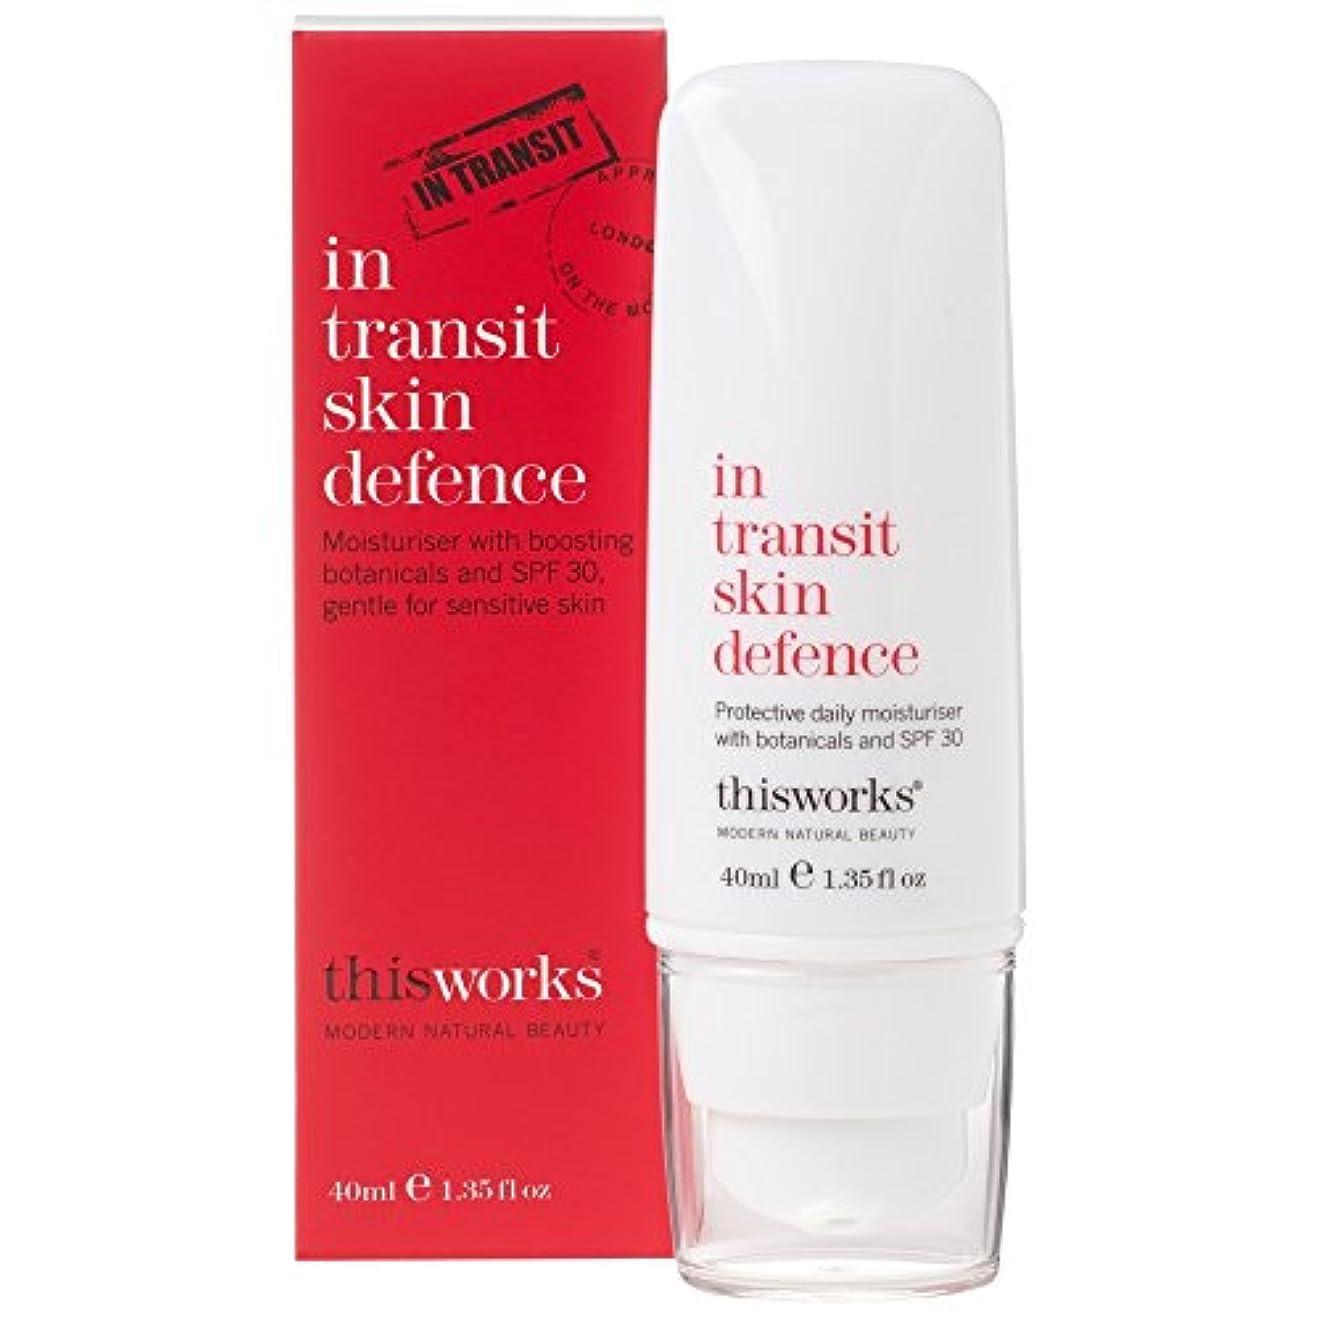 ピアニストはぁ遅いこれはトランジット皮膚の防衛のために動作し、40ミリリットル (This Works) (x2) - This Works In Transit Skin Defence, 40ml (Pack of 2) [並行輸入品]